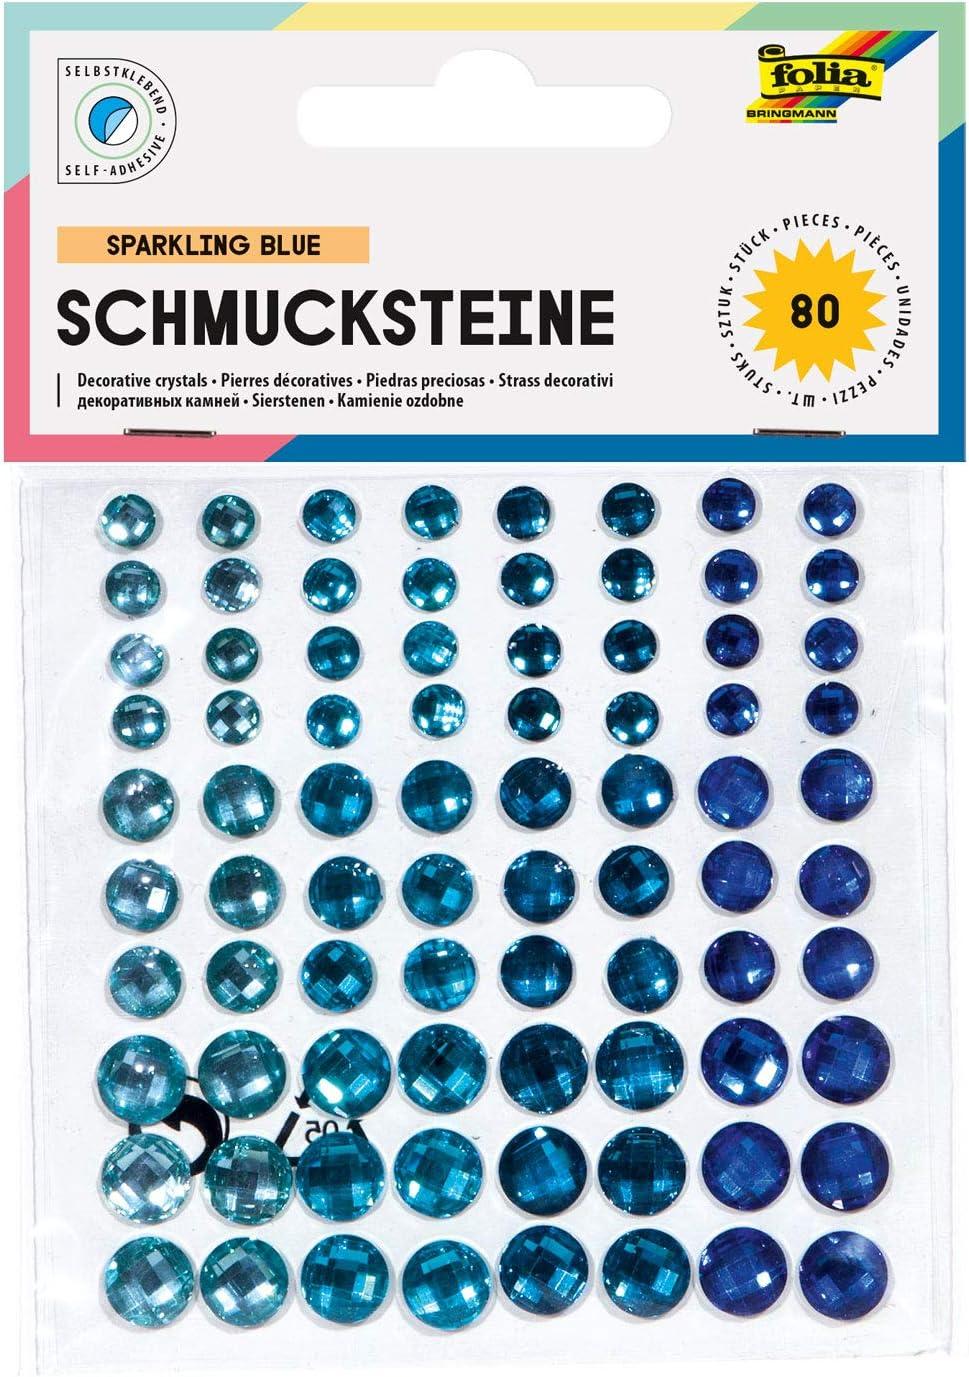 Deko Schmucksteine Crystal Rainbow ideal zum Verzieren und Dekorieren Ihrer Bastelarbeiten mit Diamantschliff folia 12307 80 St/ück selbstklebend